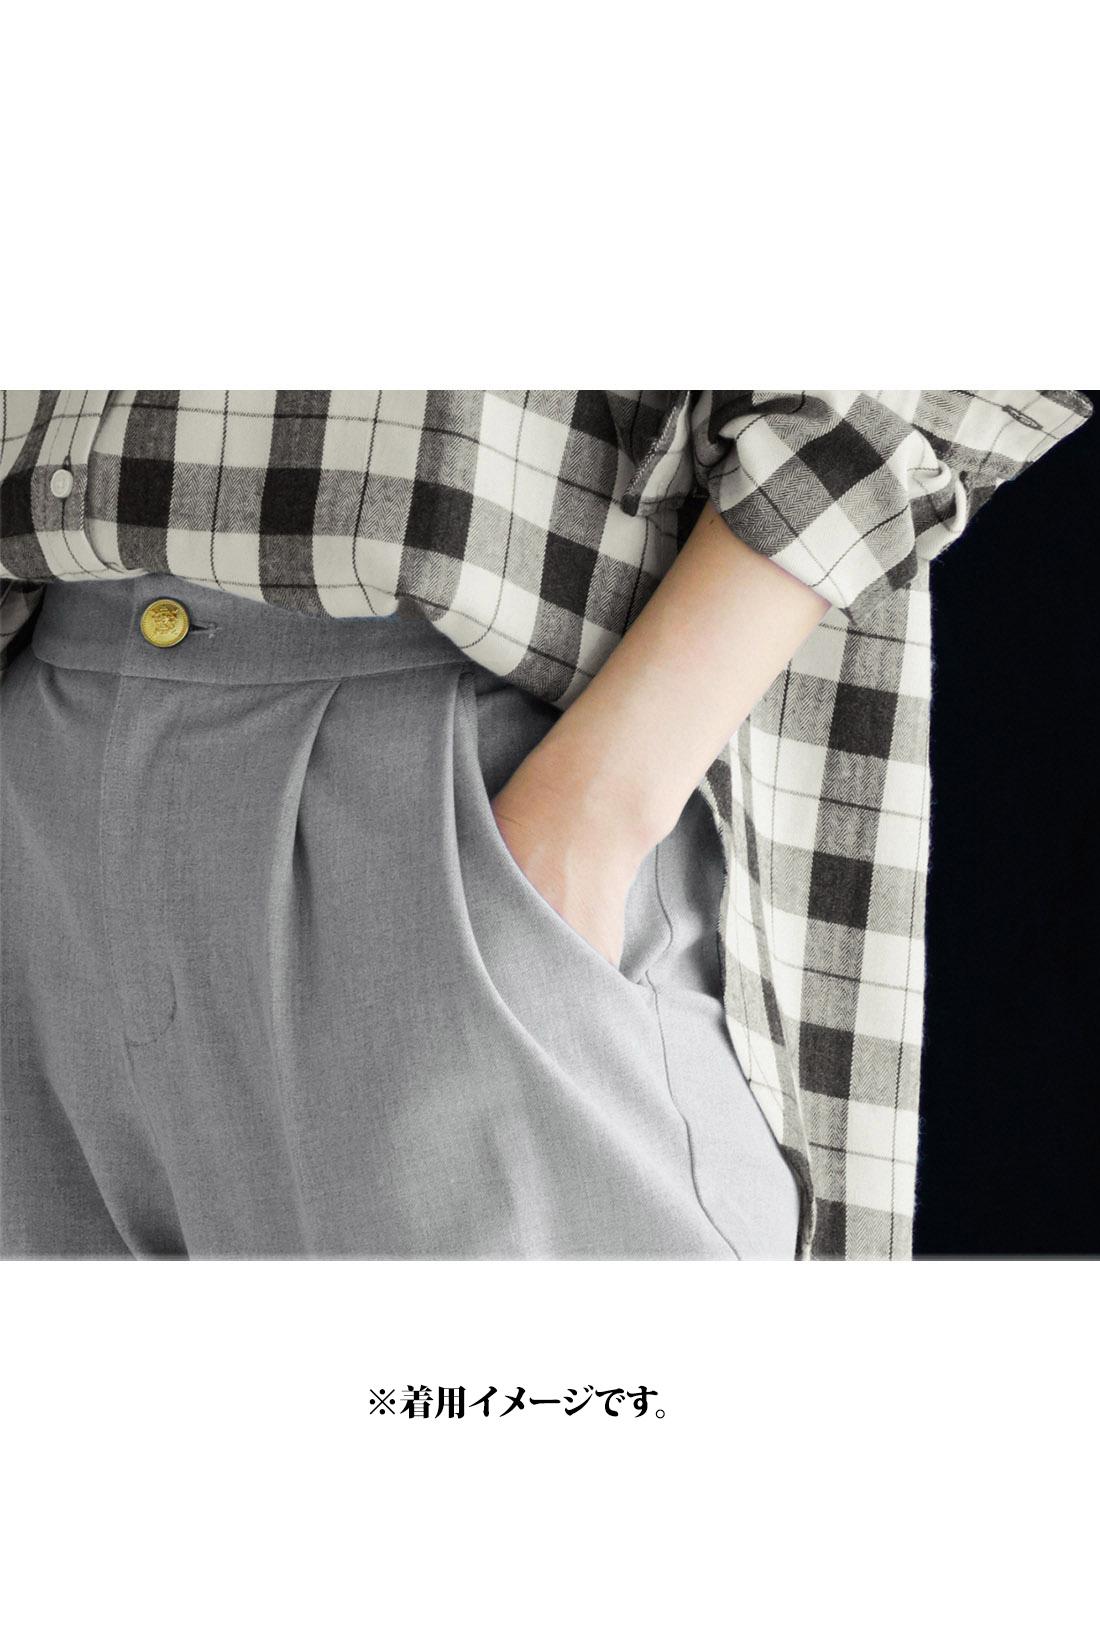 腰まわりのダブルタックとスッキリ見えるテーパードラインが品よくあかぬけた印象。 ※着用イメージです。お届けするカラーとは異なります。